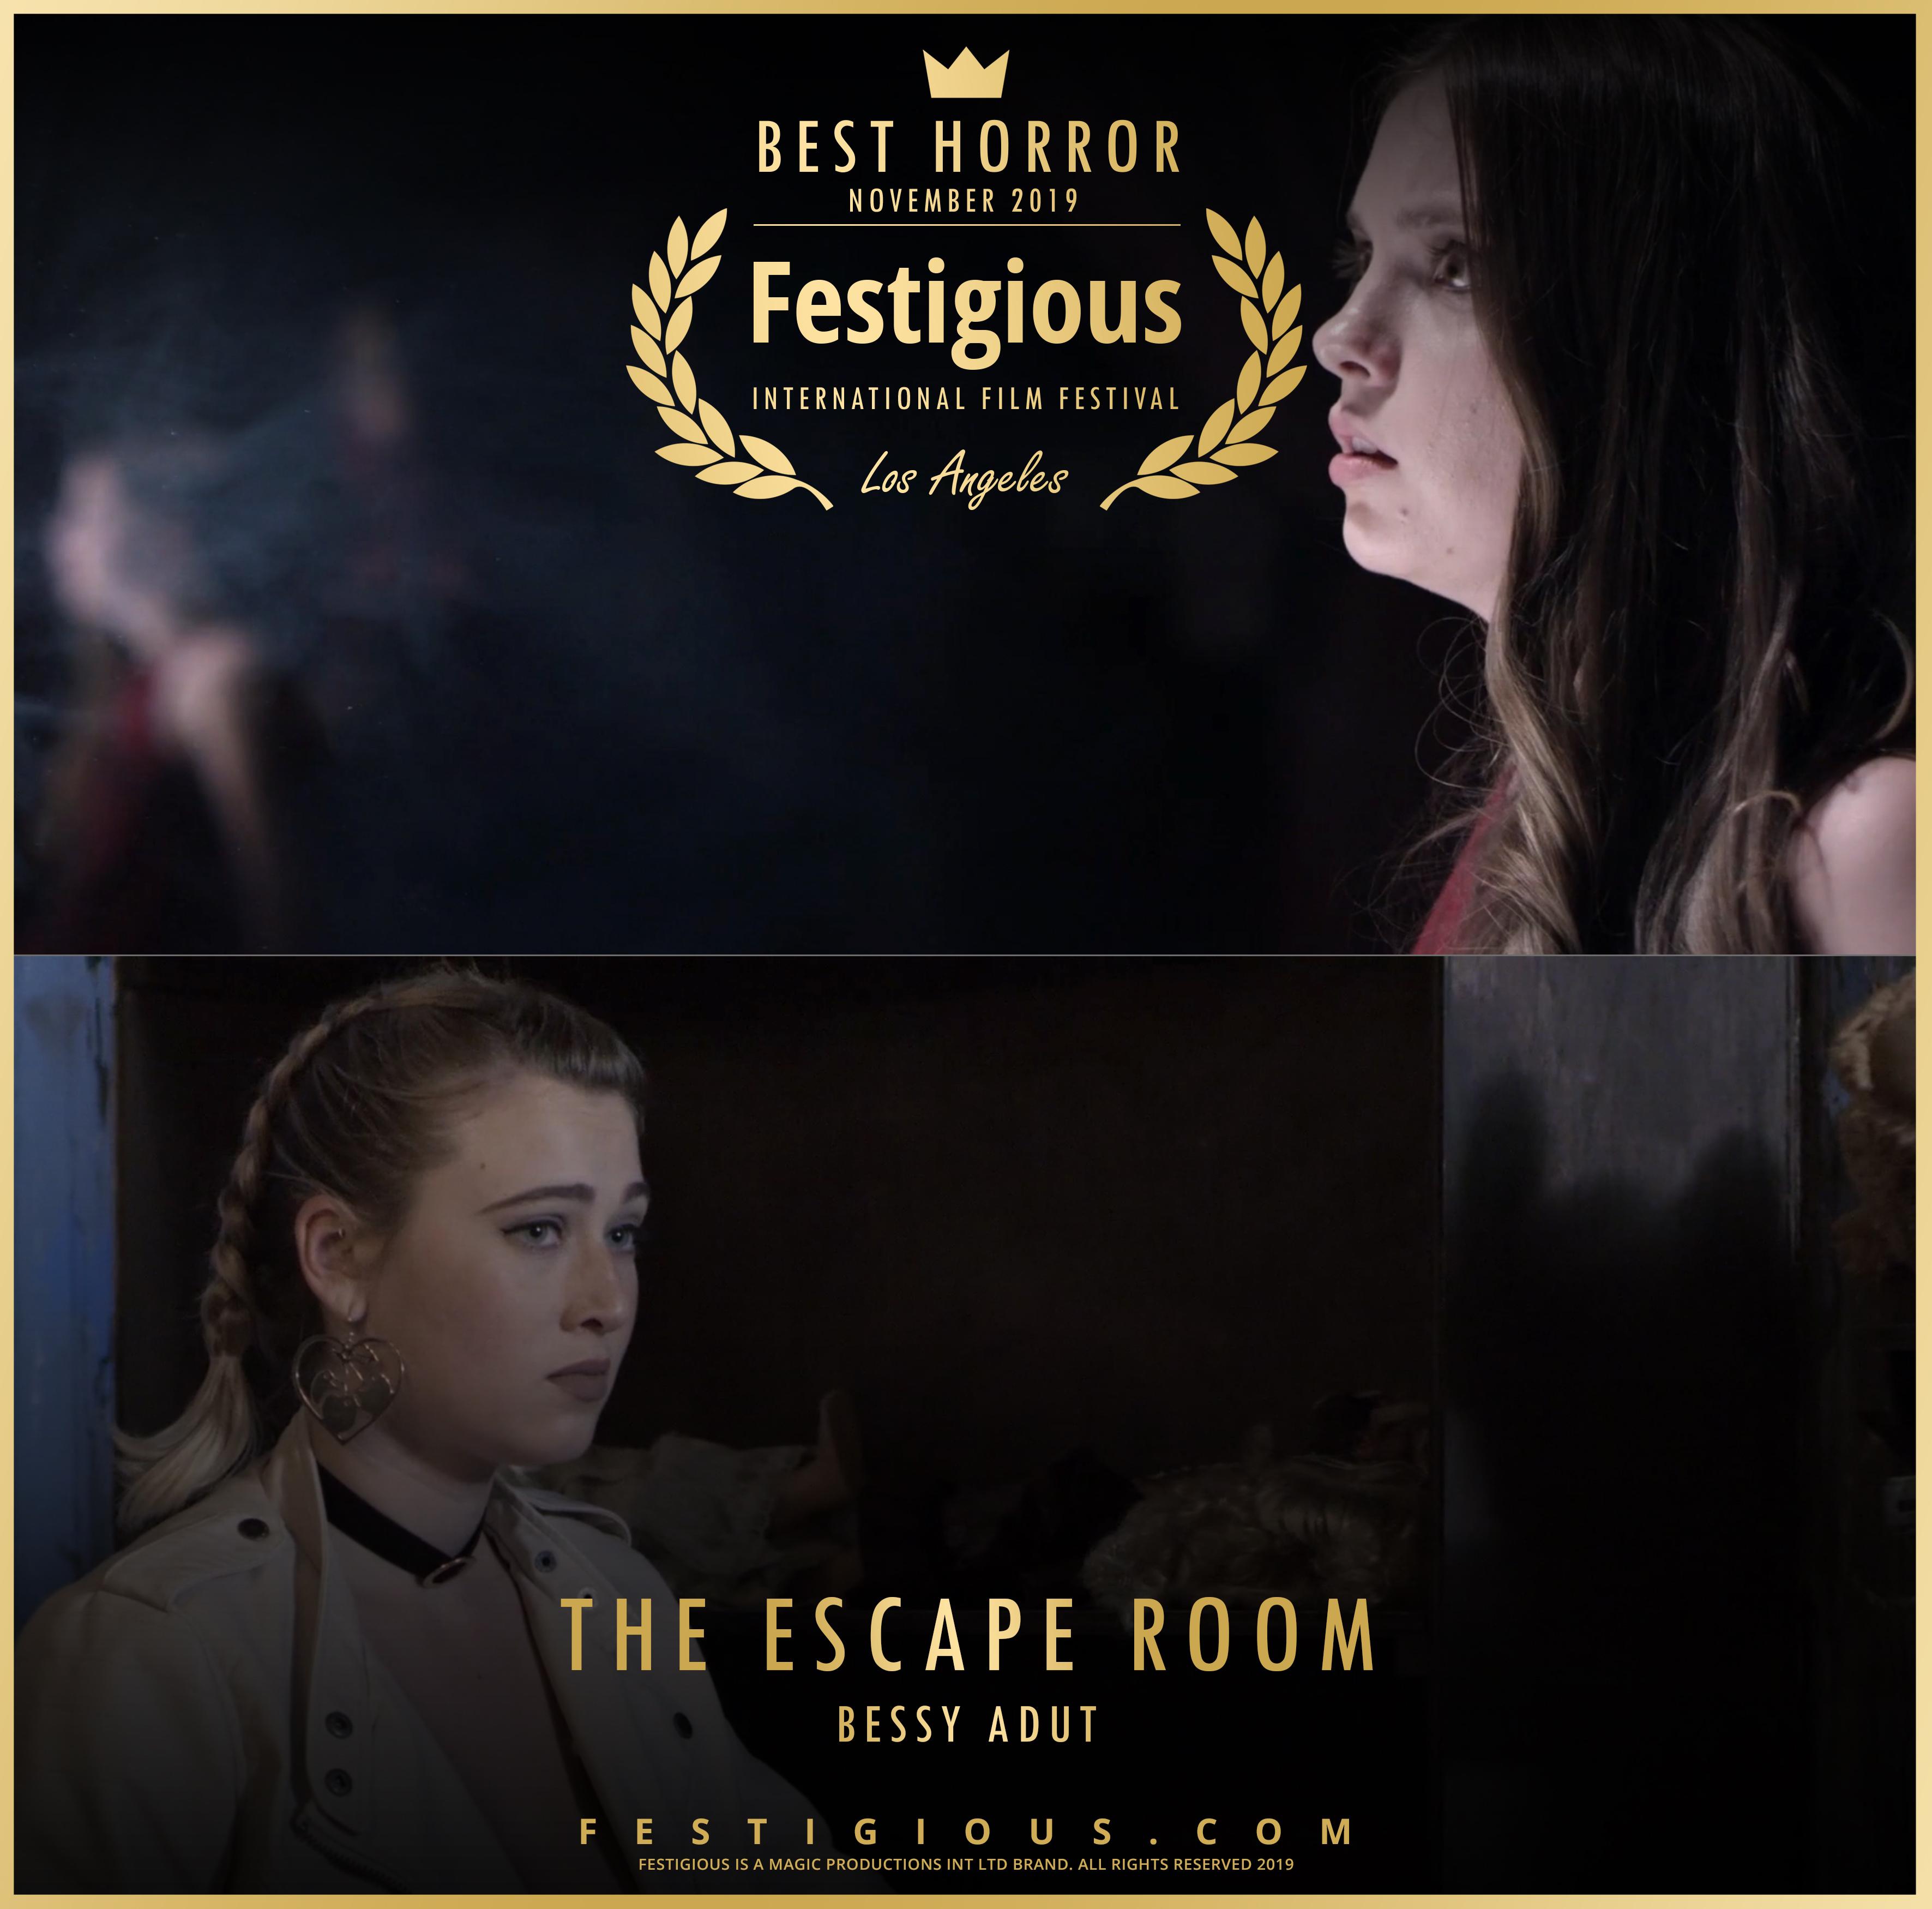 The Escape Room design